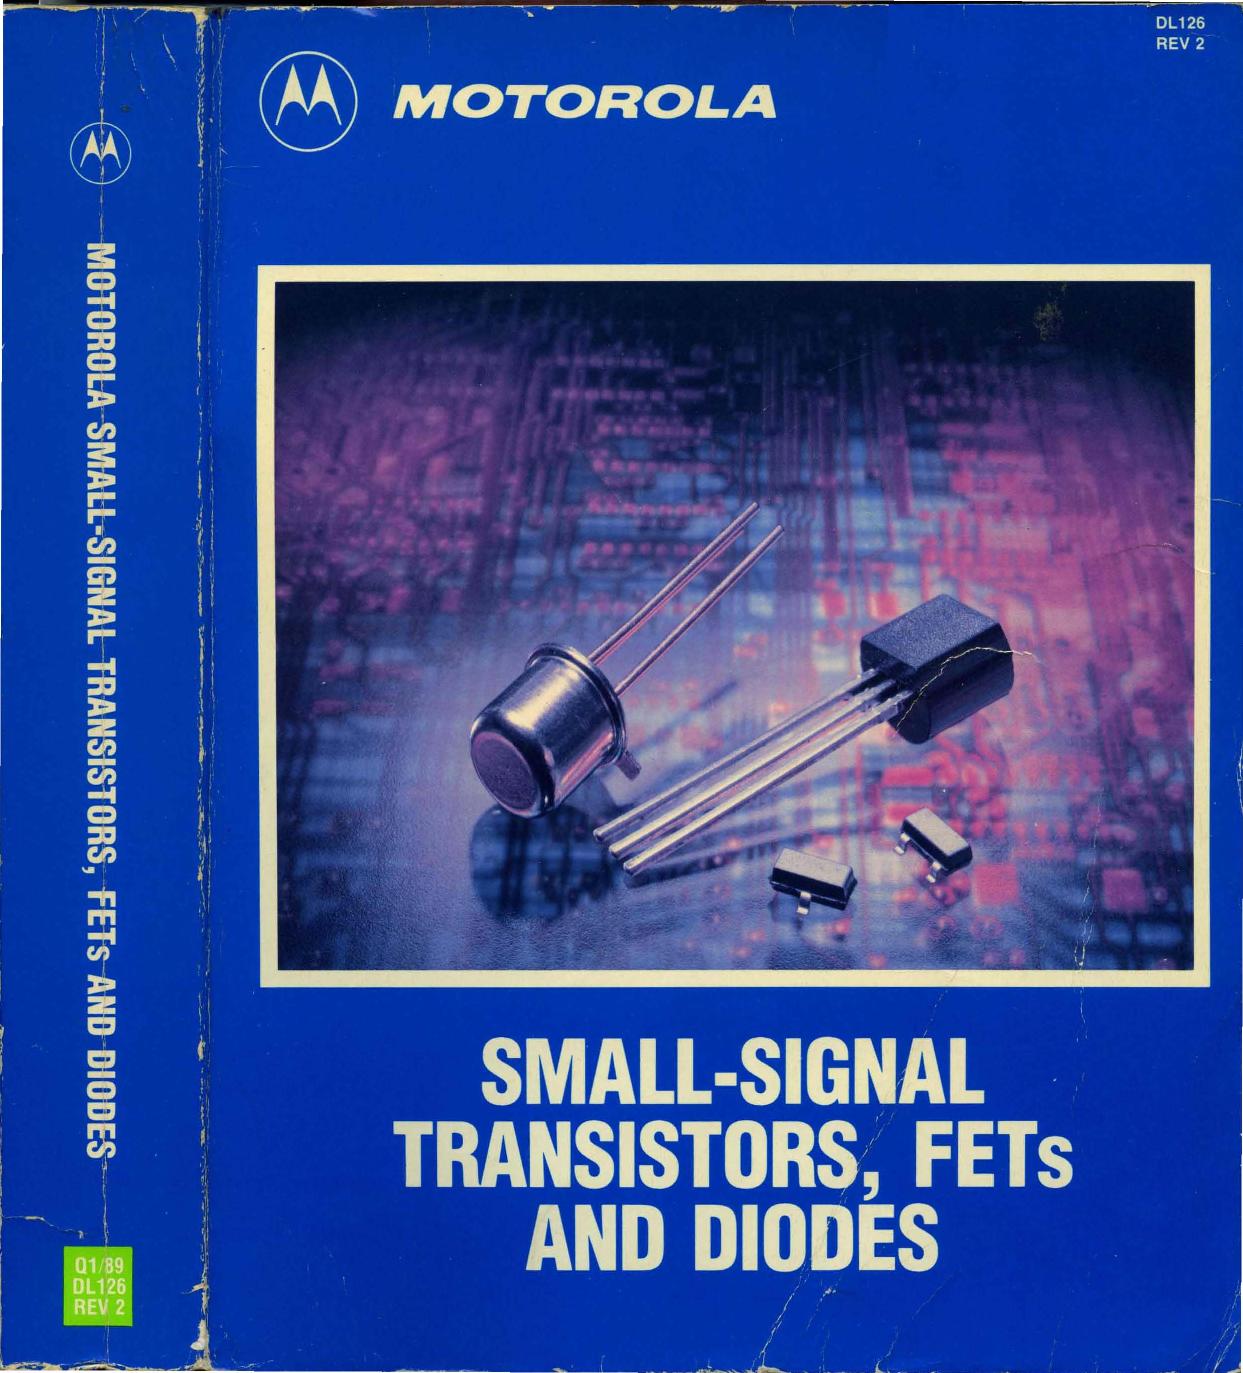 NEW NPN SILICON EUAL TRANSISTOR  MD8002